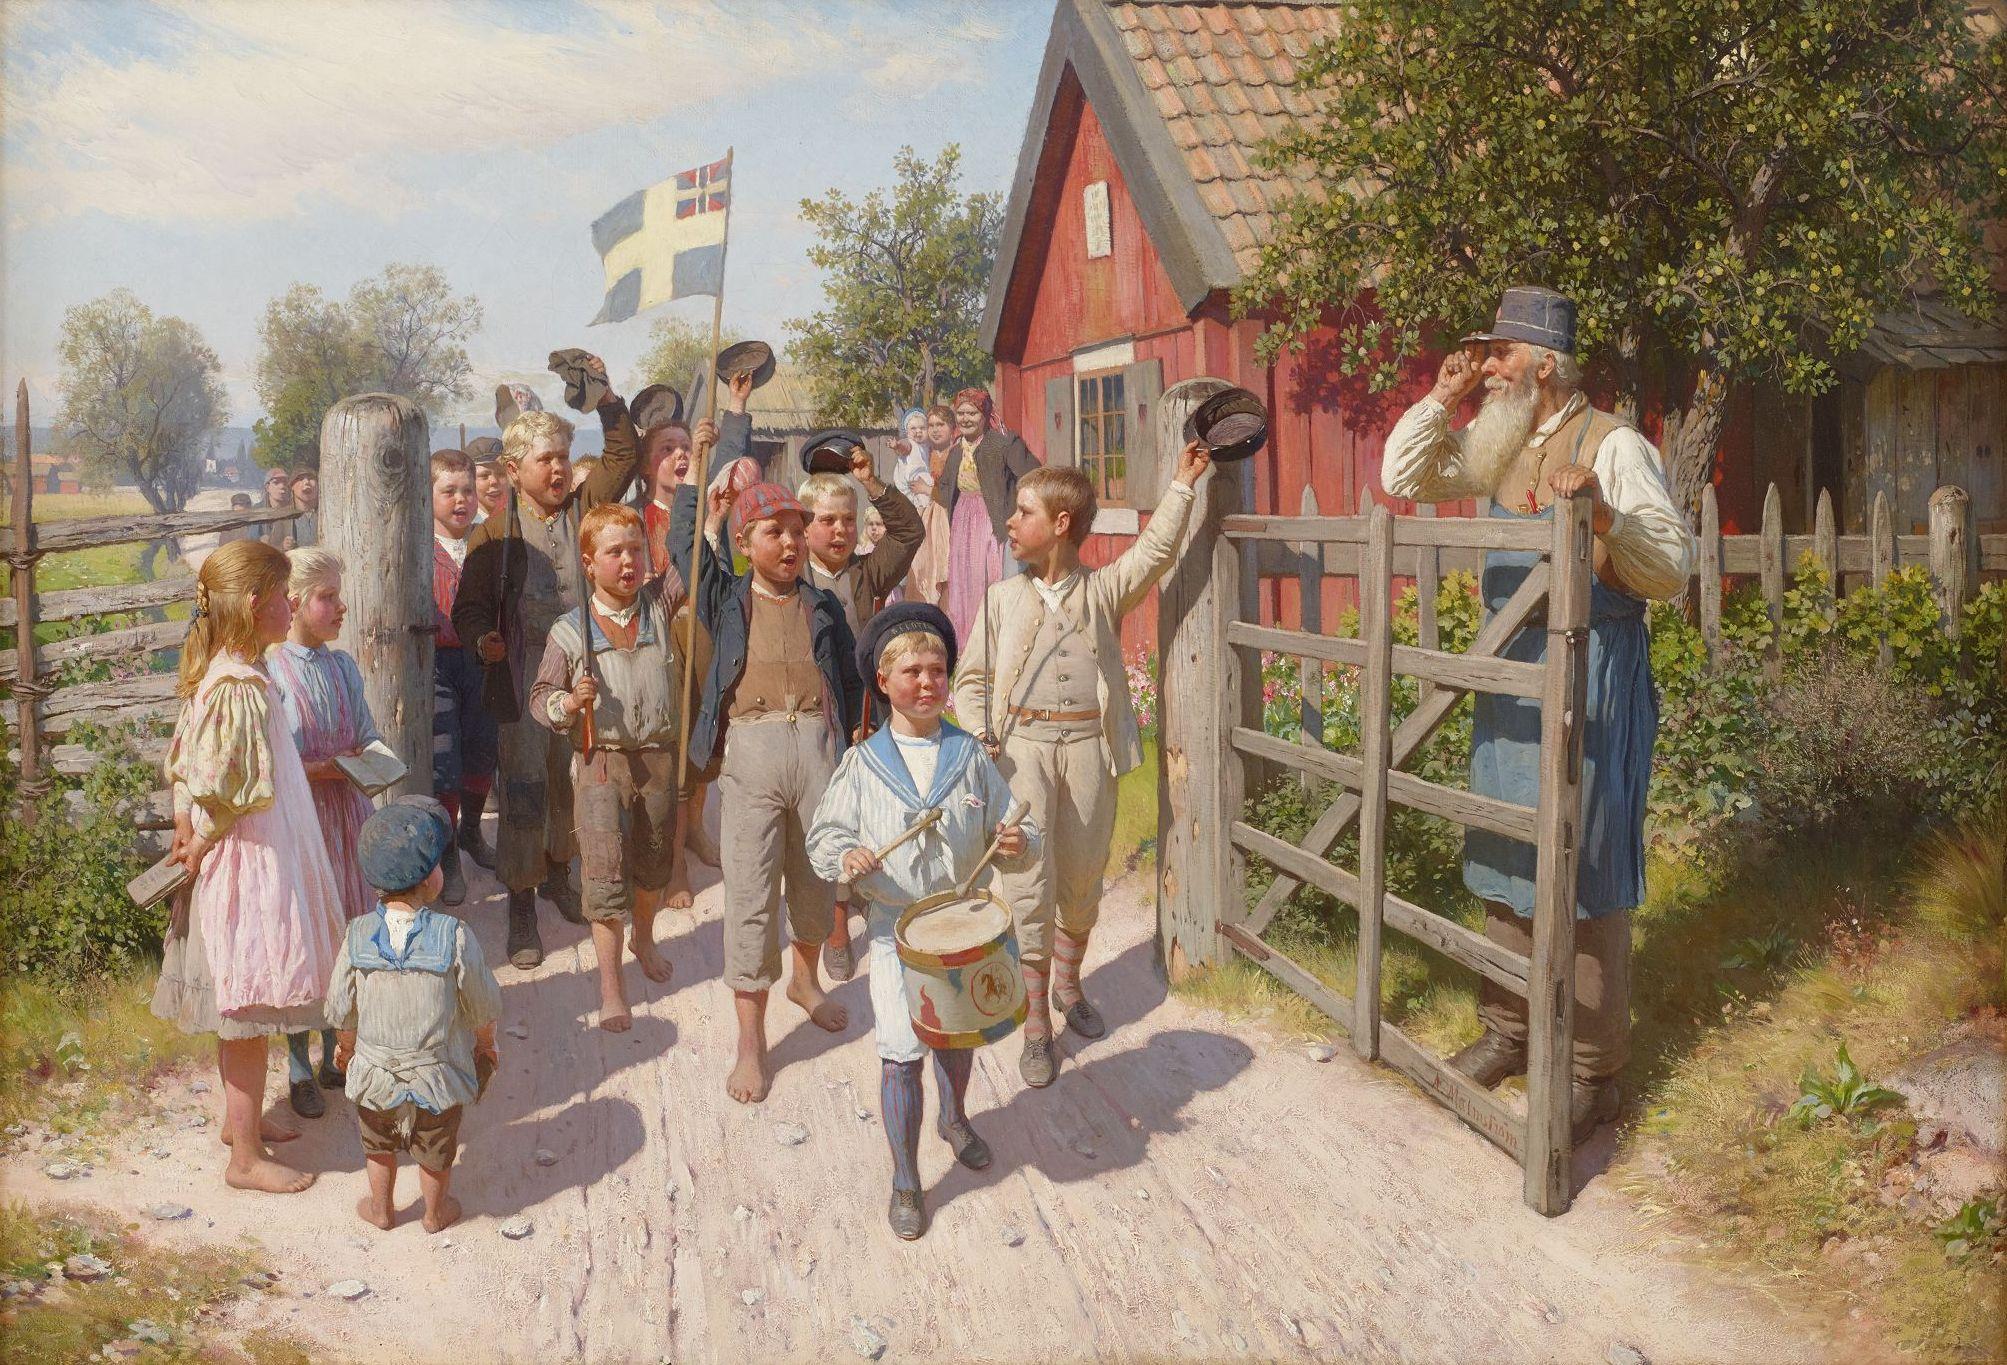 https://upload.wikimedia.org/wikipedia/commons/e/e5/August_Malmstr%C3%B6m-Det_gamla_och_det_unga_Sverige.JPG